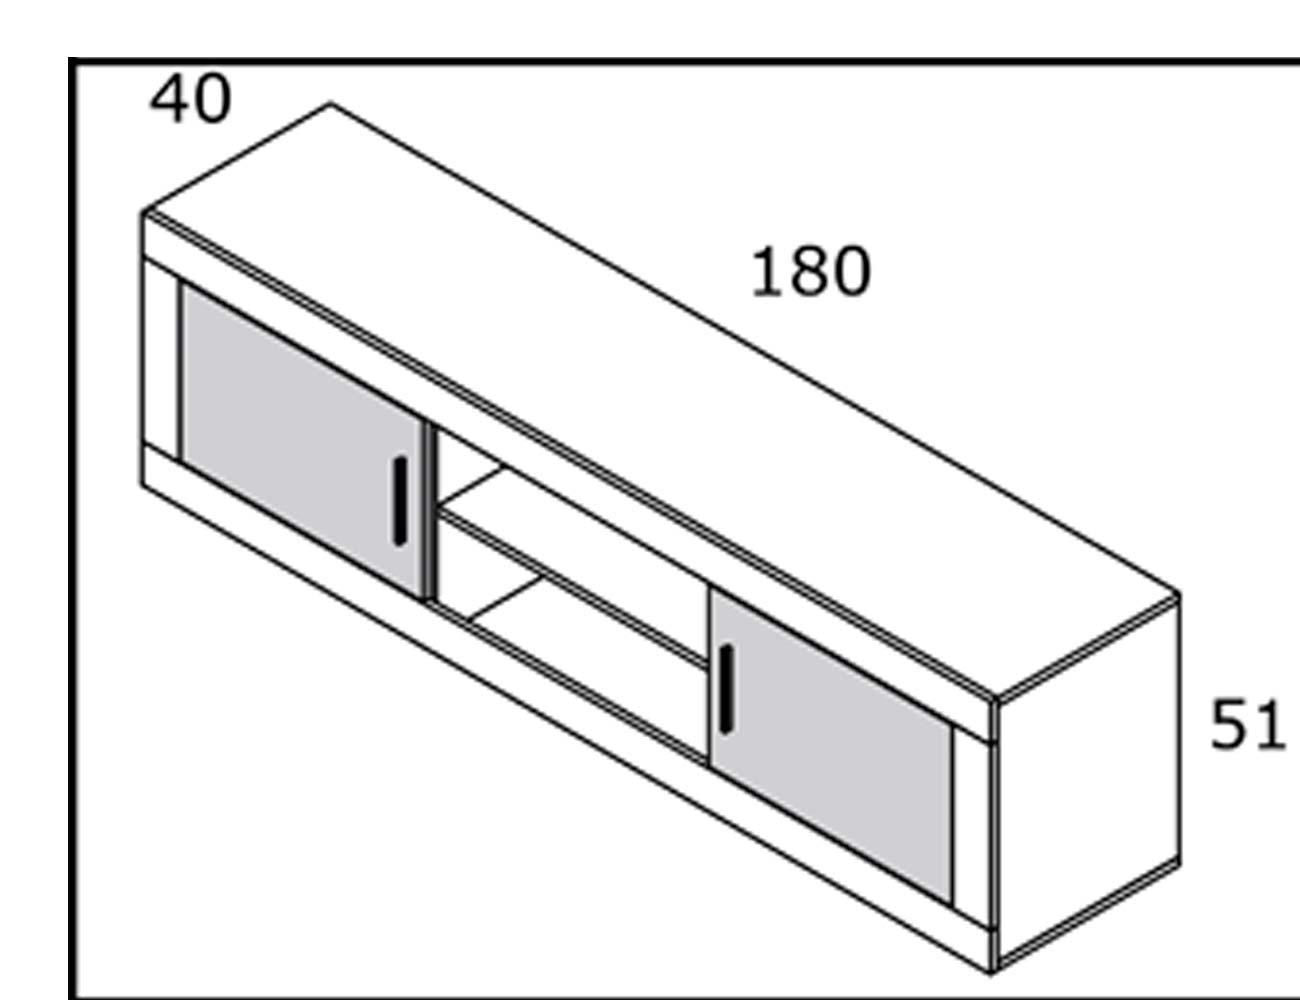 Cnm0041